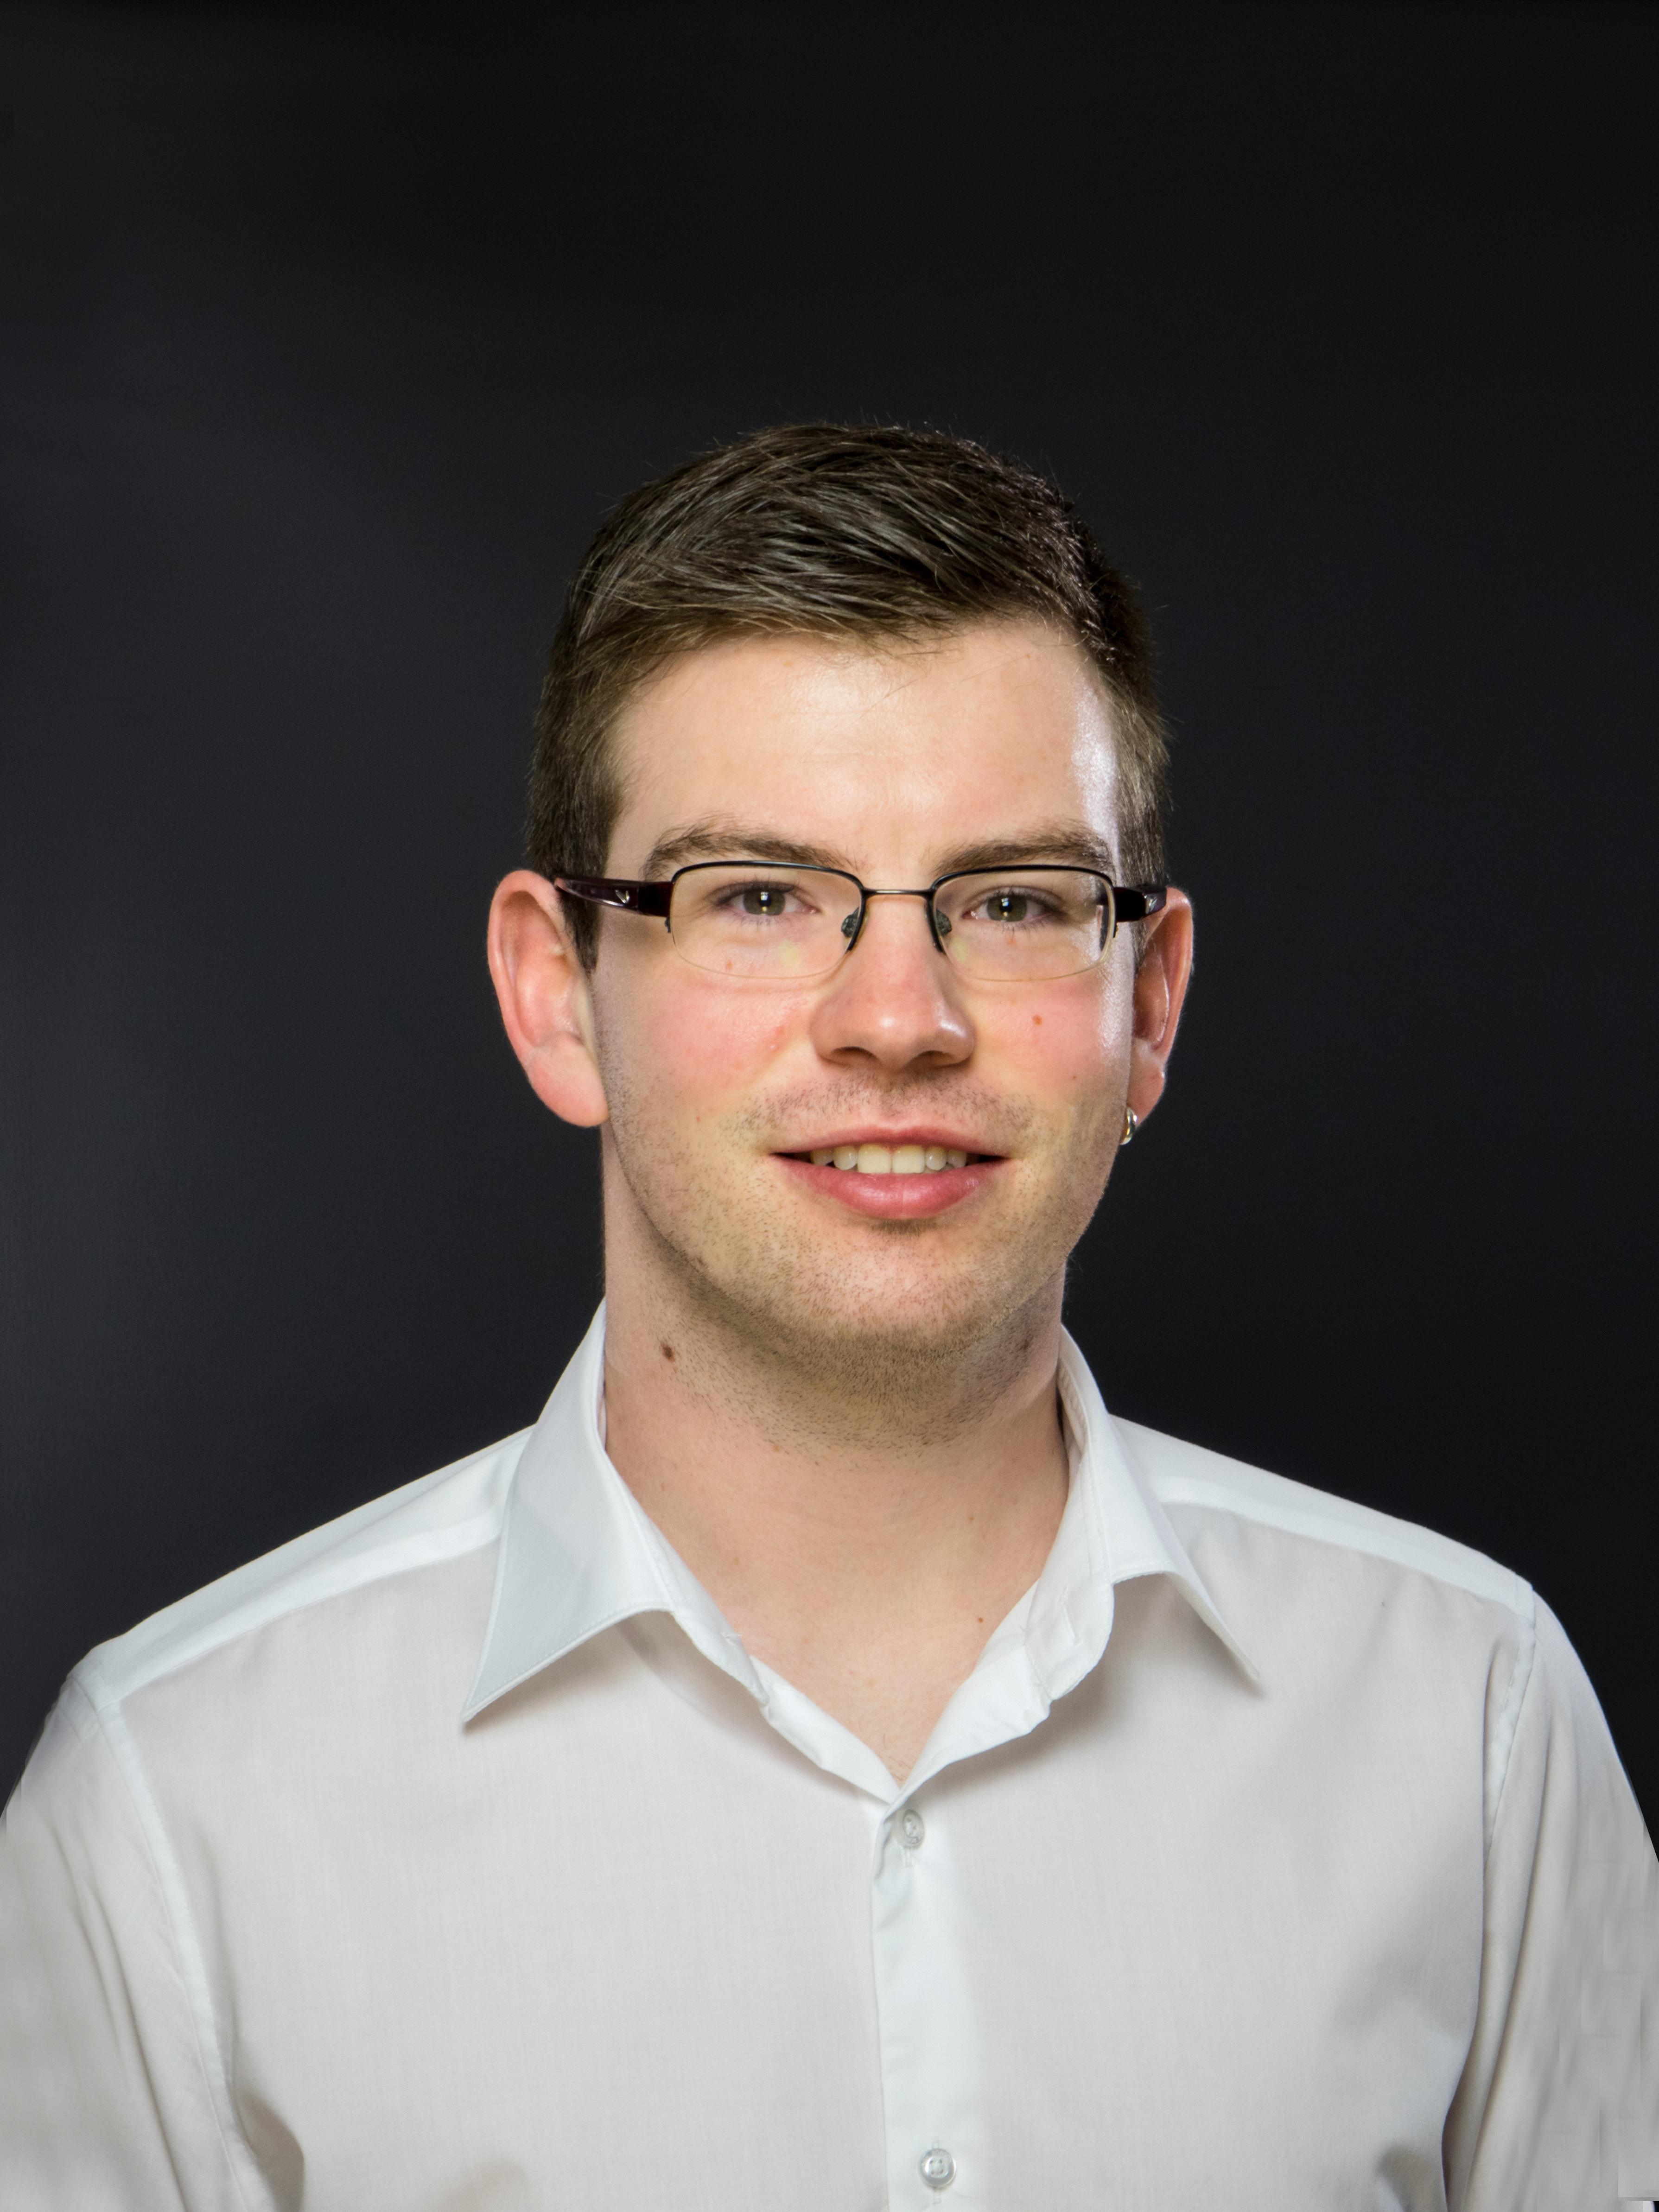 Daniel Döring